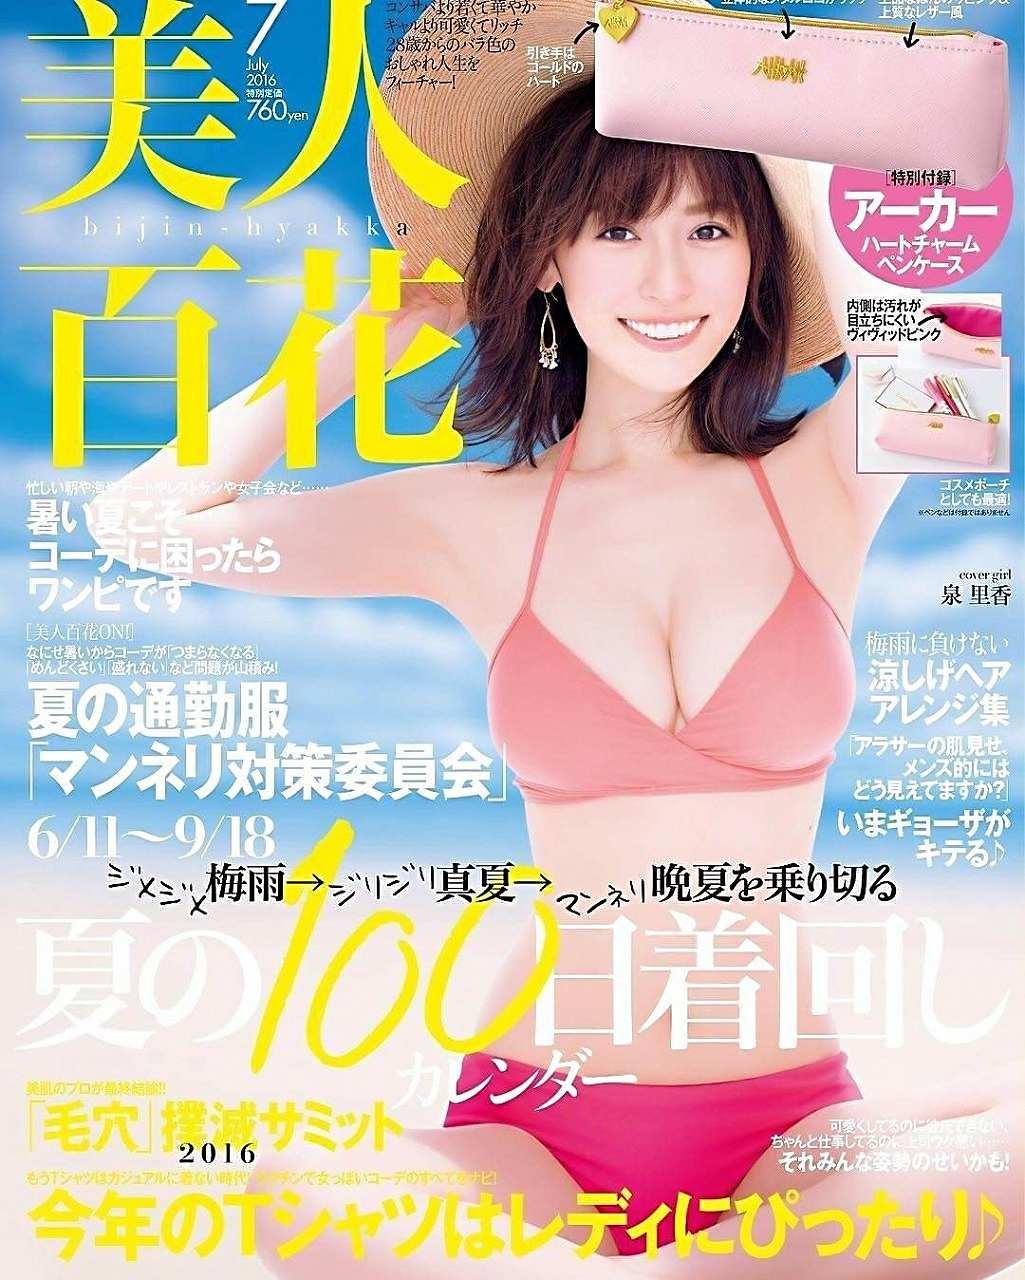 雑誌「美人百花(びじんひゃっか) 2016年 07 月号」表紙、ビキニの水着を着た泉里香